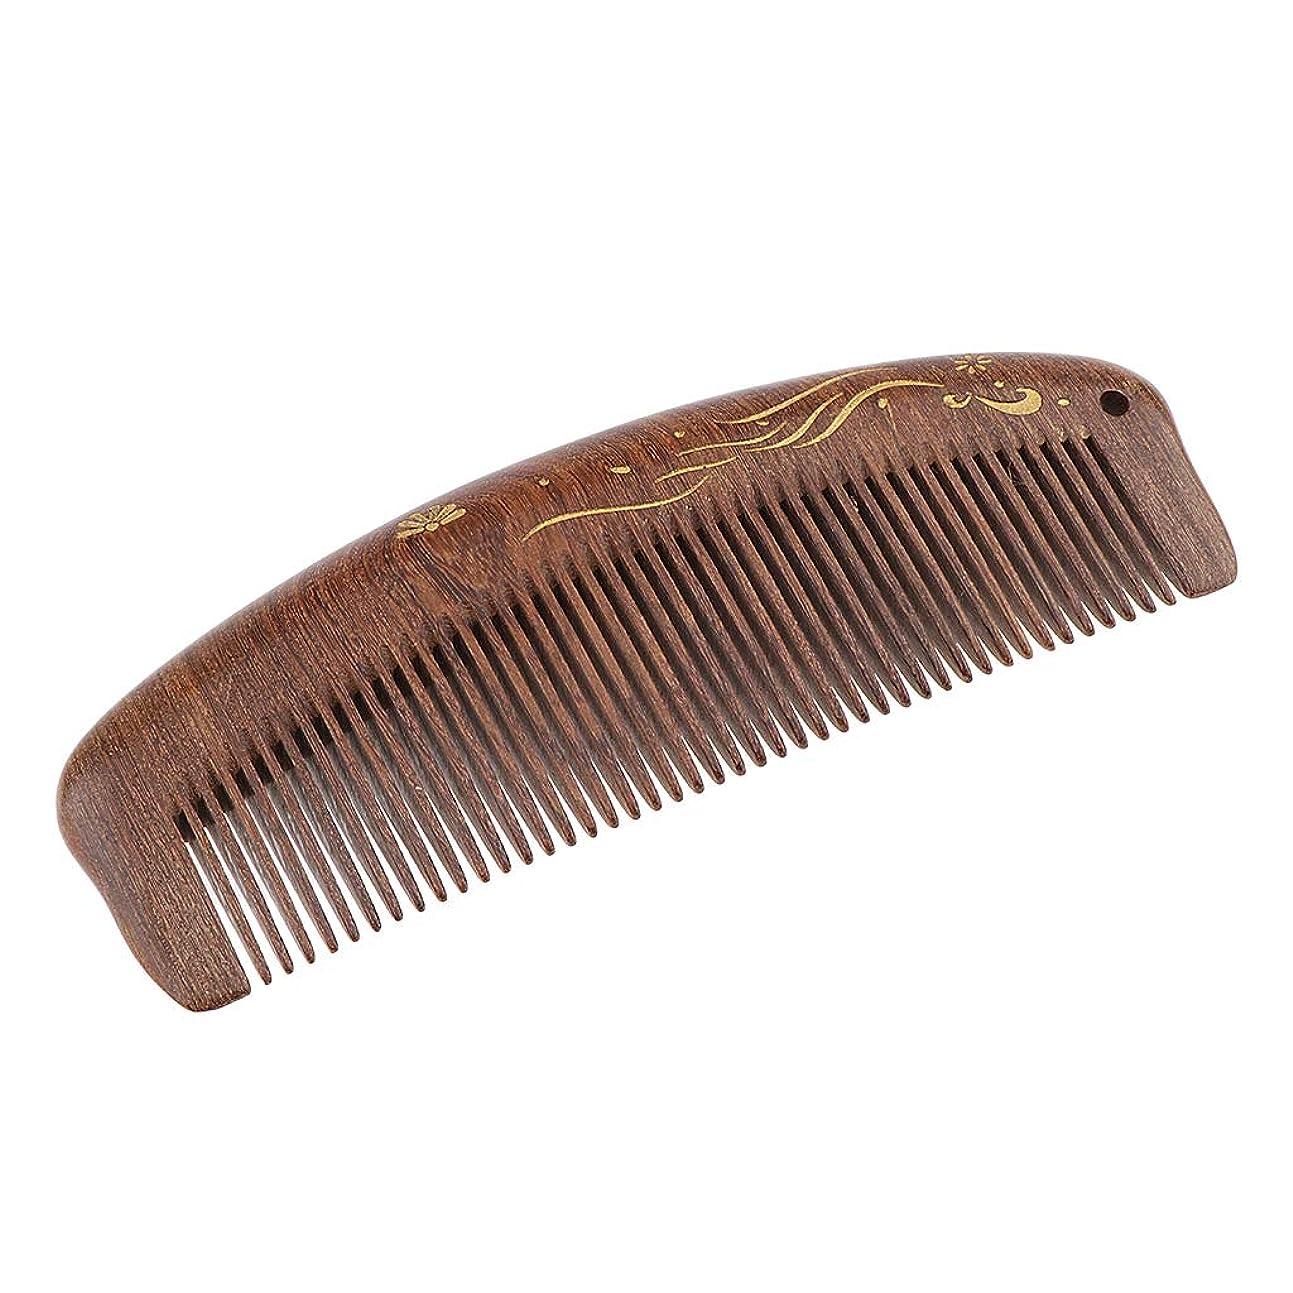 高めるメロディアス上院B Blesiya 帯電防止櫛 ウッドコーム ヘアサロン ヘアブラシ 3仕様選べ - 細かい歯